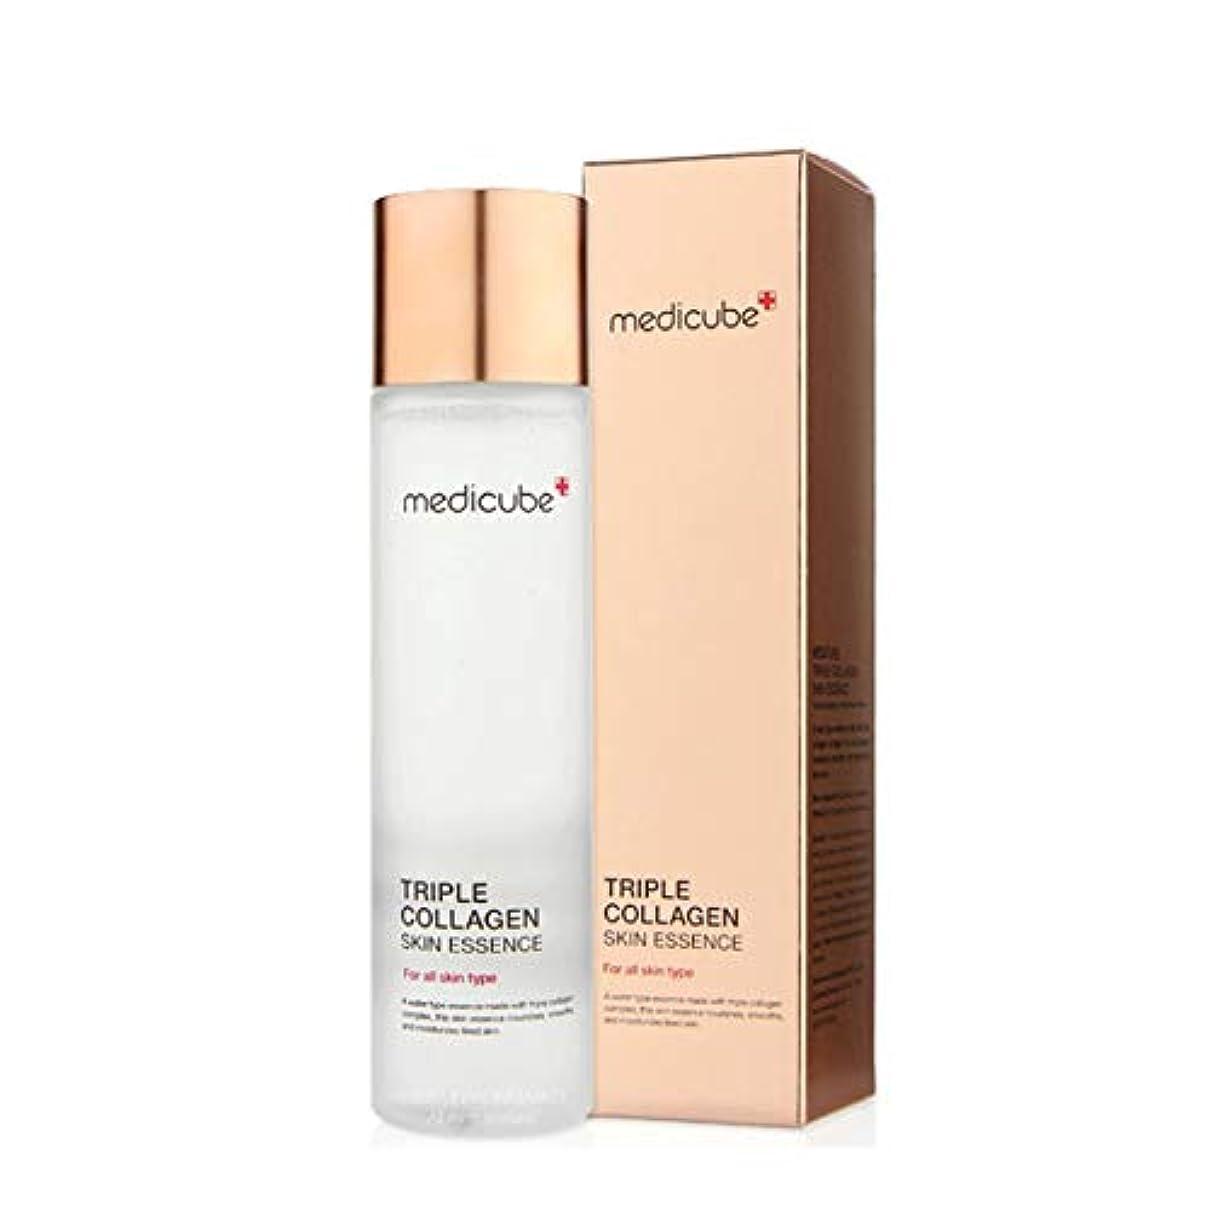 印象的な暴力的なダムメディキューブトリプルコラーゲンスキンエッセンス140ml 韓国コスメ、Medicube Triple Collagen Skin Essence 140ml Korean Cosmetics [並行輸入品]